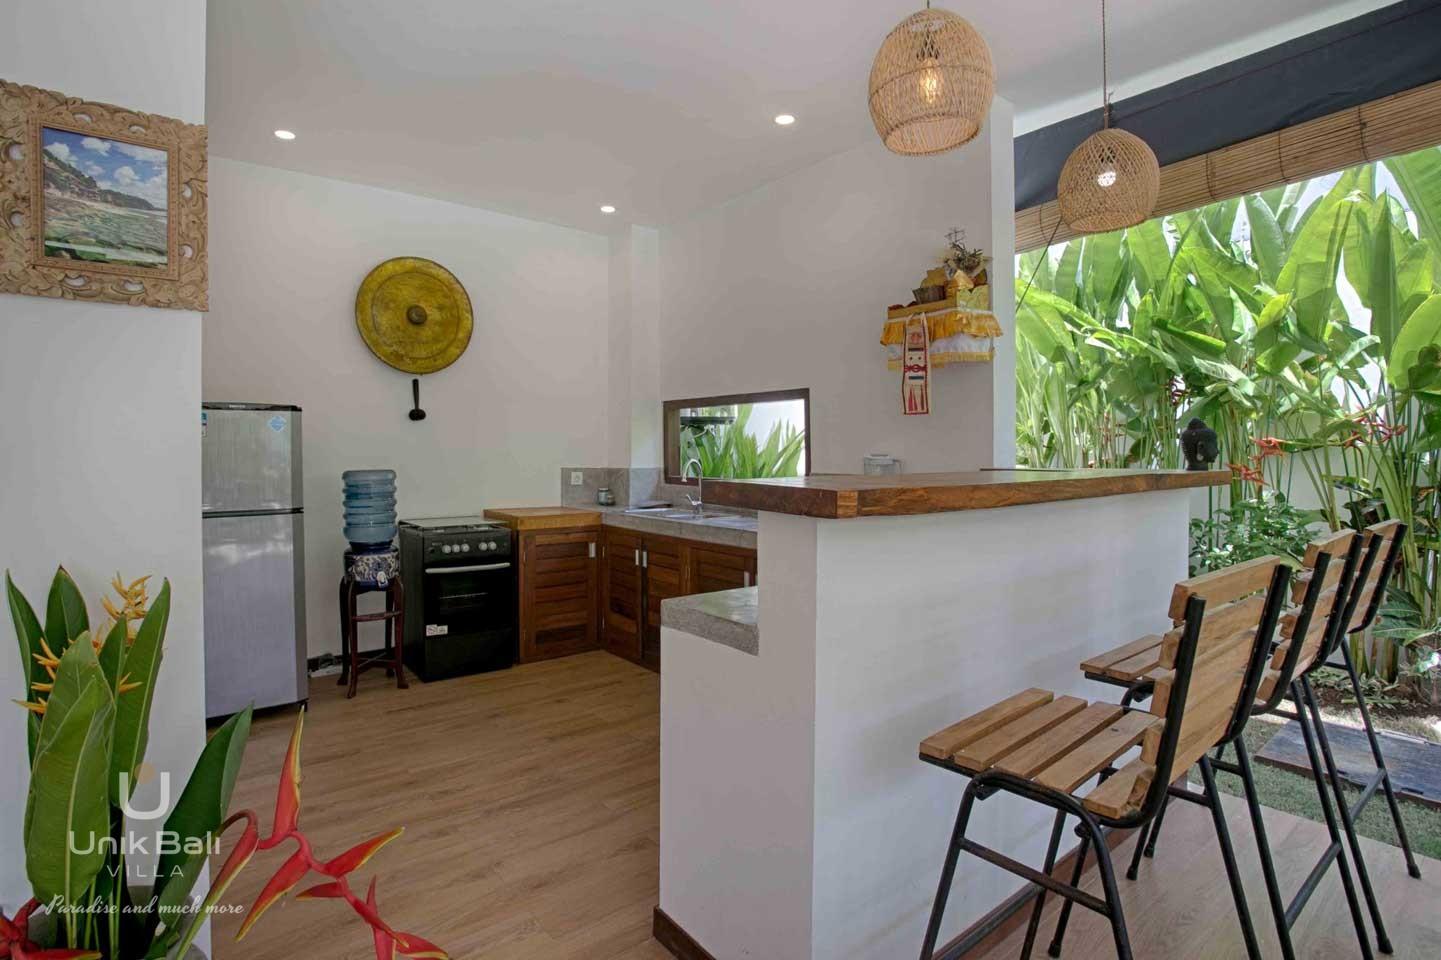 unik-bali-villa-for-rent-shiva-bali-open-kitchen